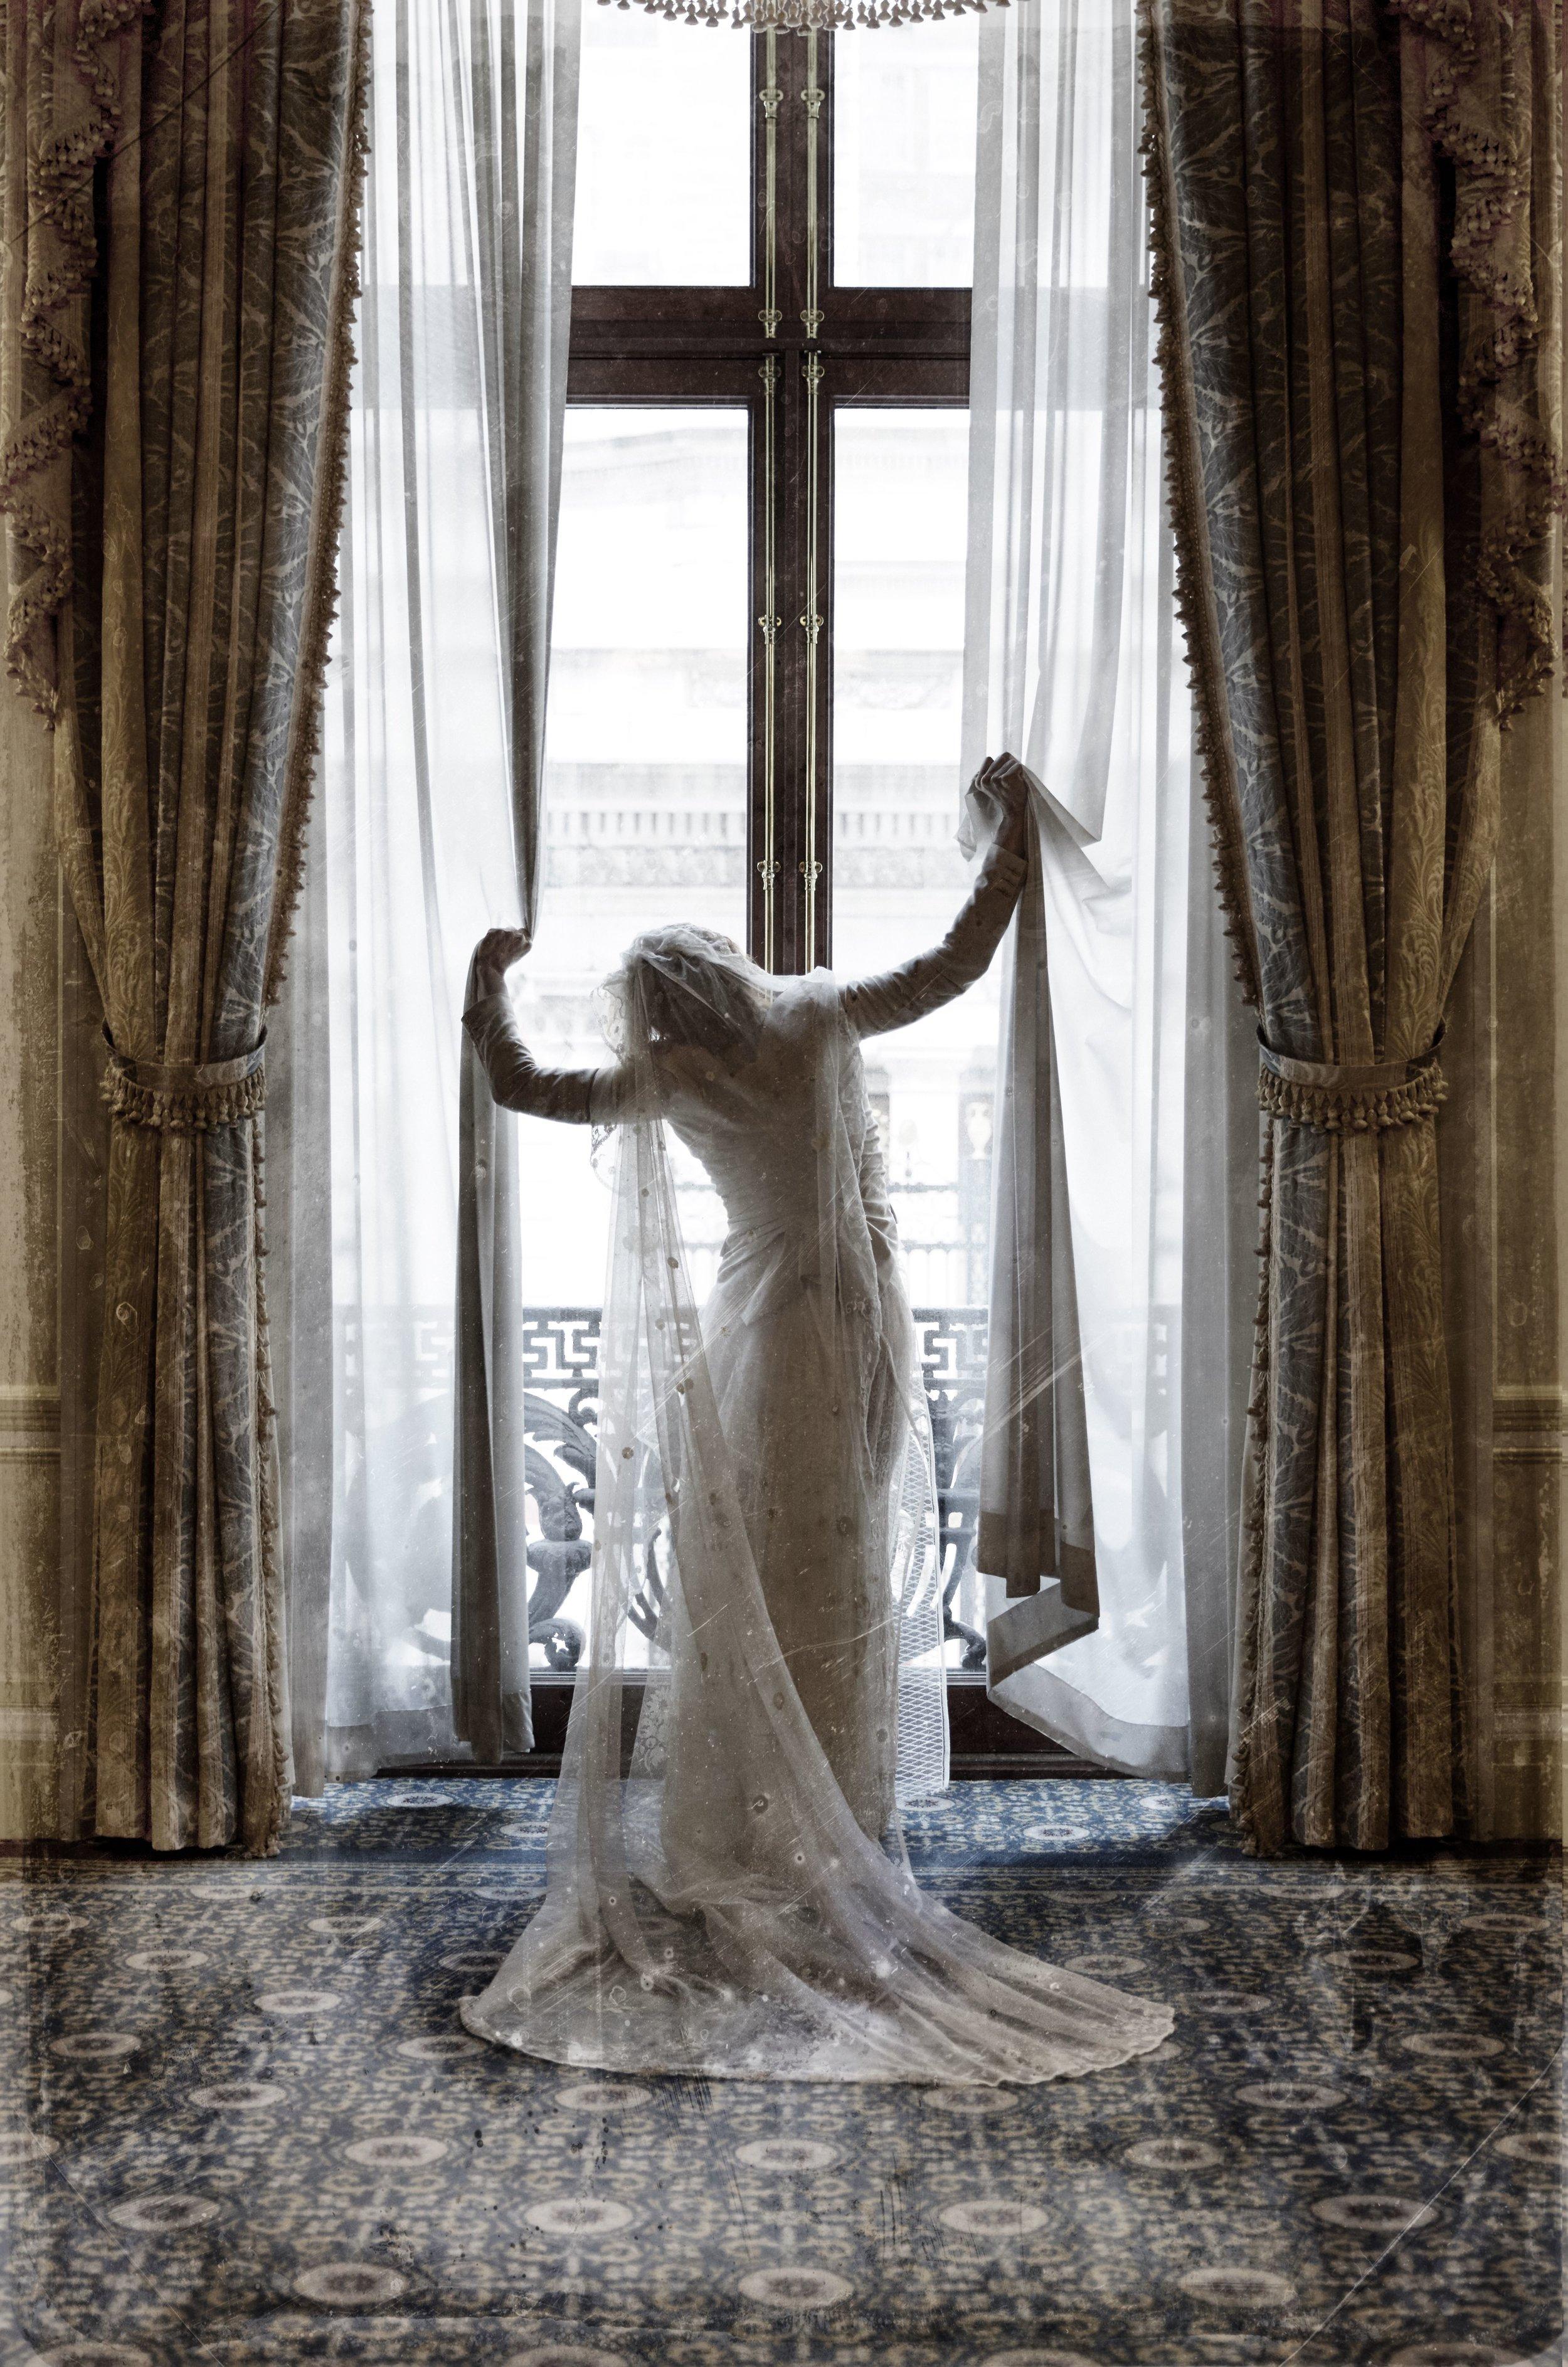 Havisham-with-drapes-by-David-White_texture-2.jpg